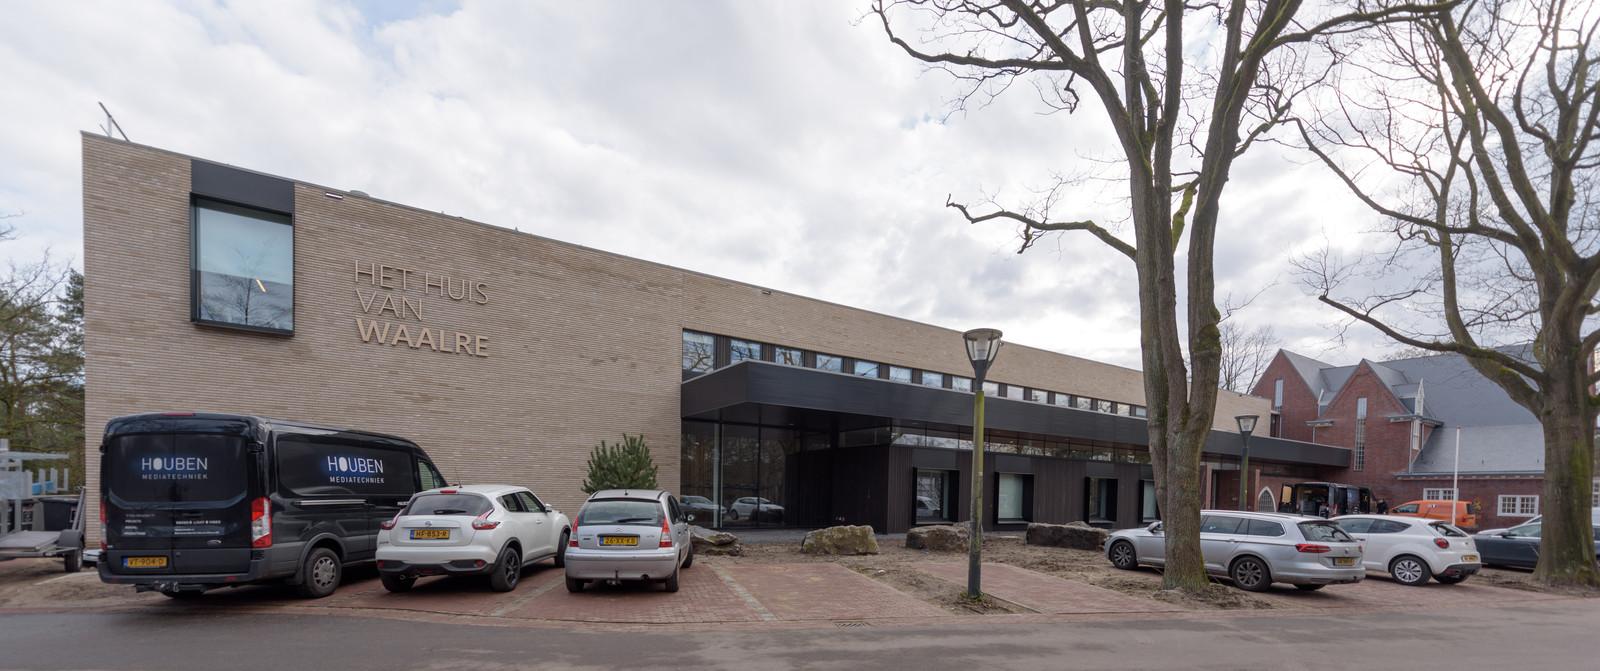 Het gemeentehuis van Waalre.